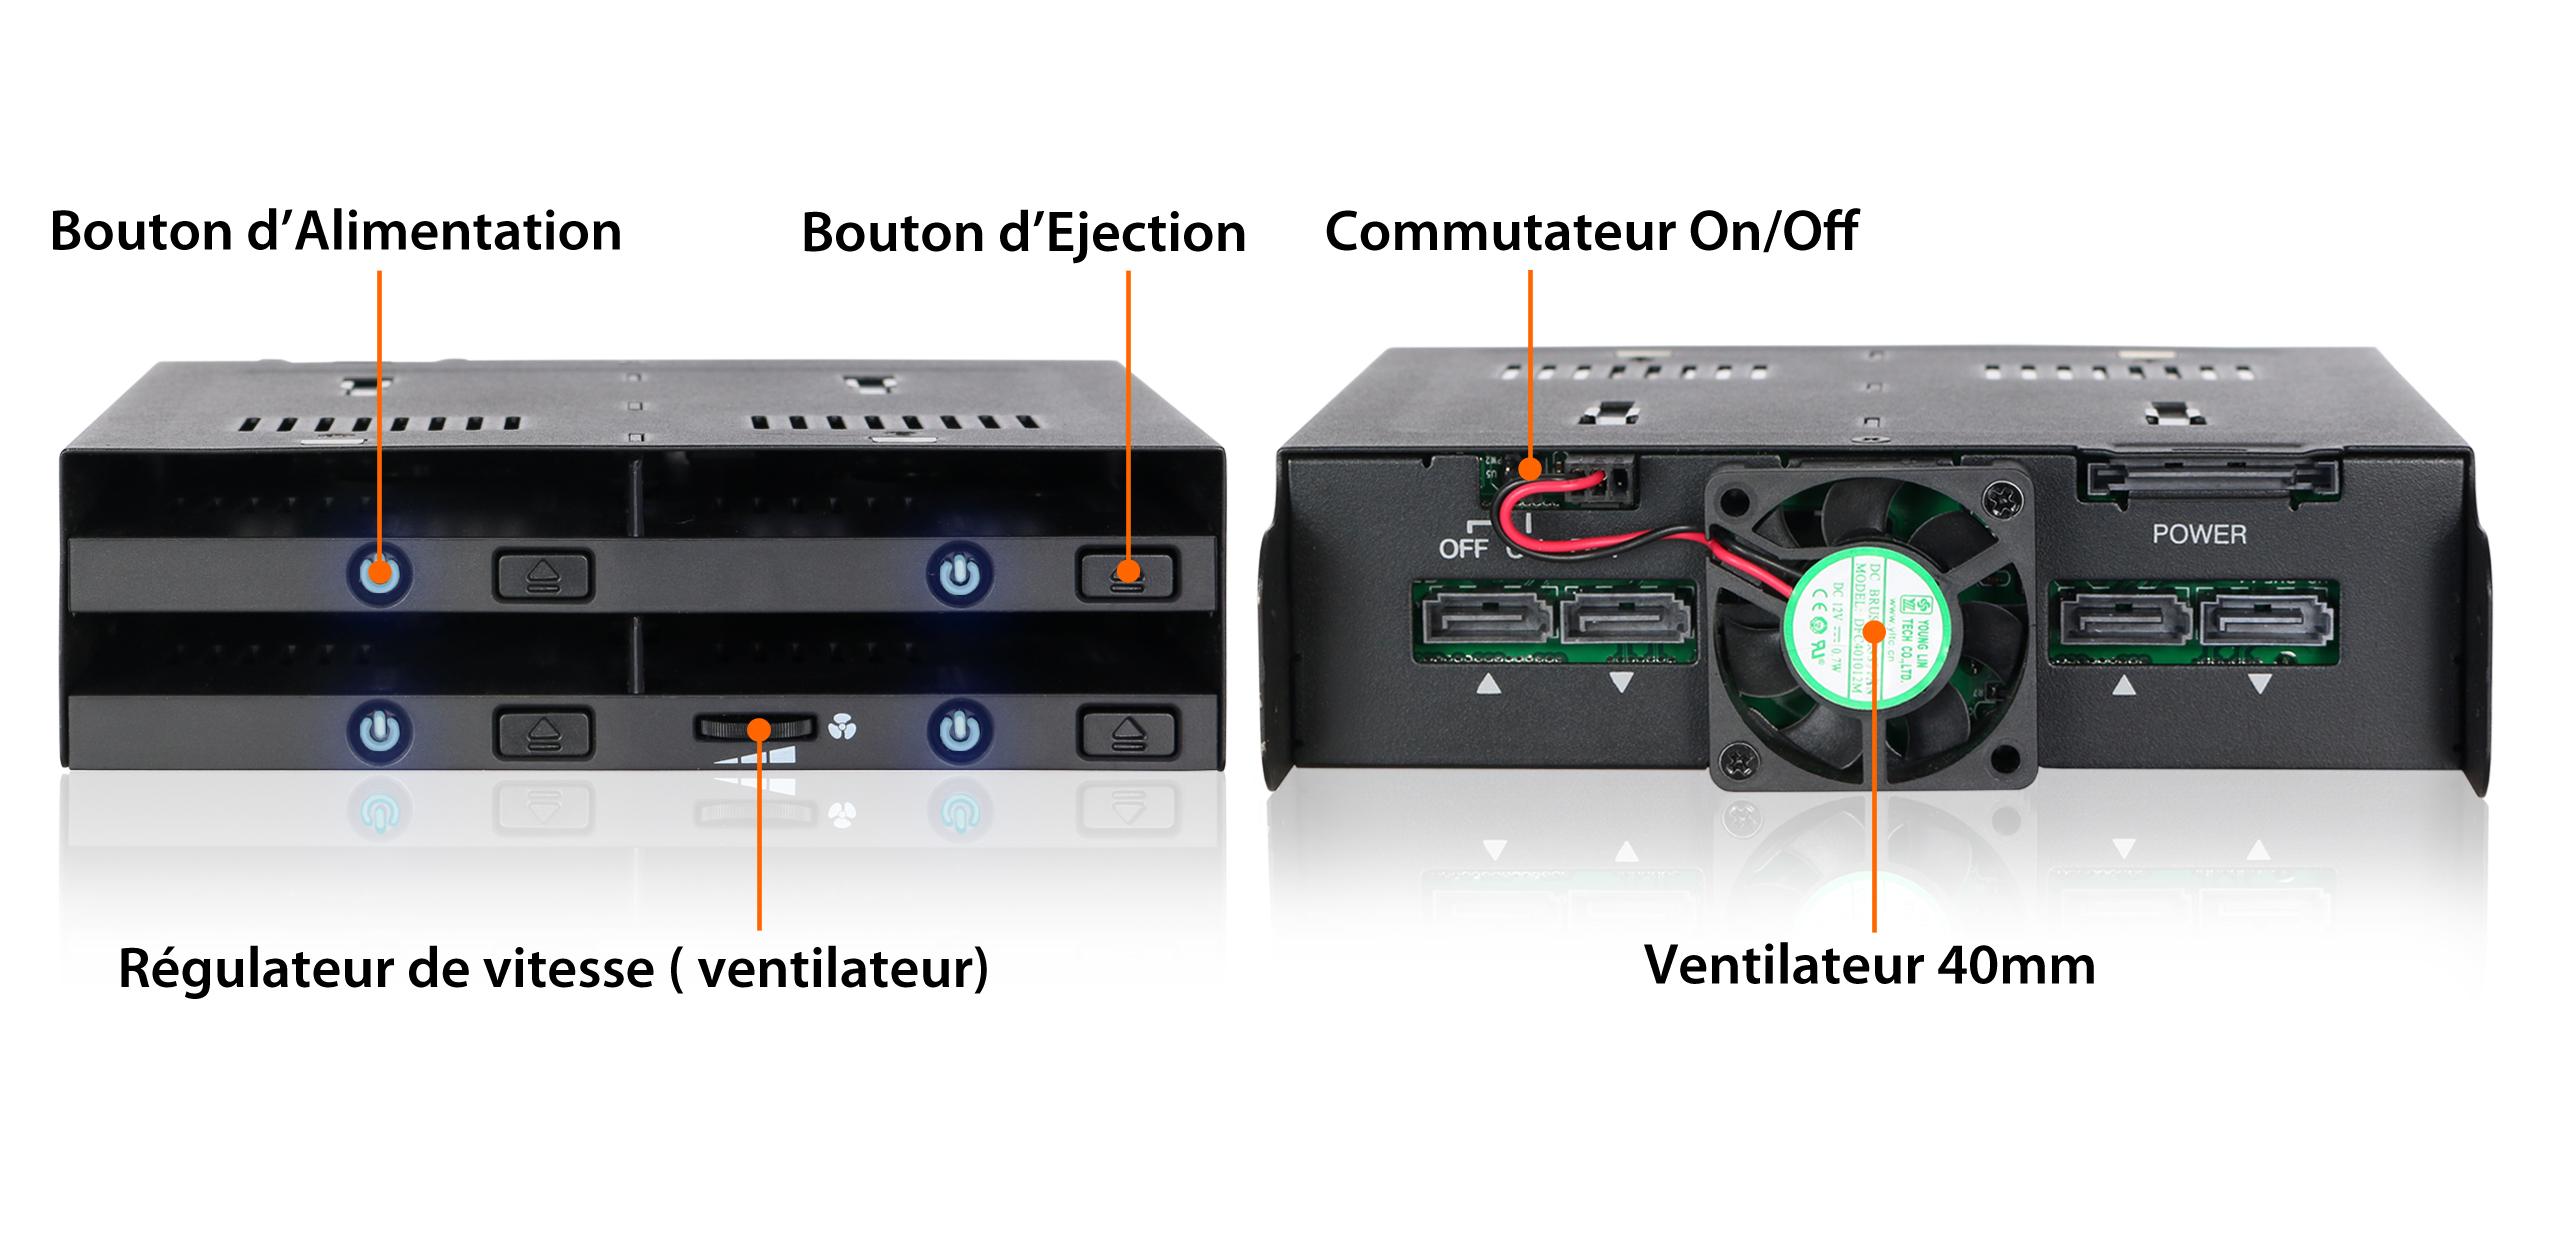 photo des différentes fonctionnalités du mb524sp-b : bouton d'alimentation, bouton d'éjection, commutateur on/off du ventilateur, ventilateur 40mm, régulateur de vitesse du ventilateur